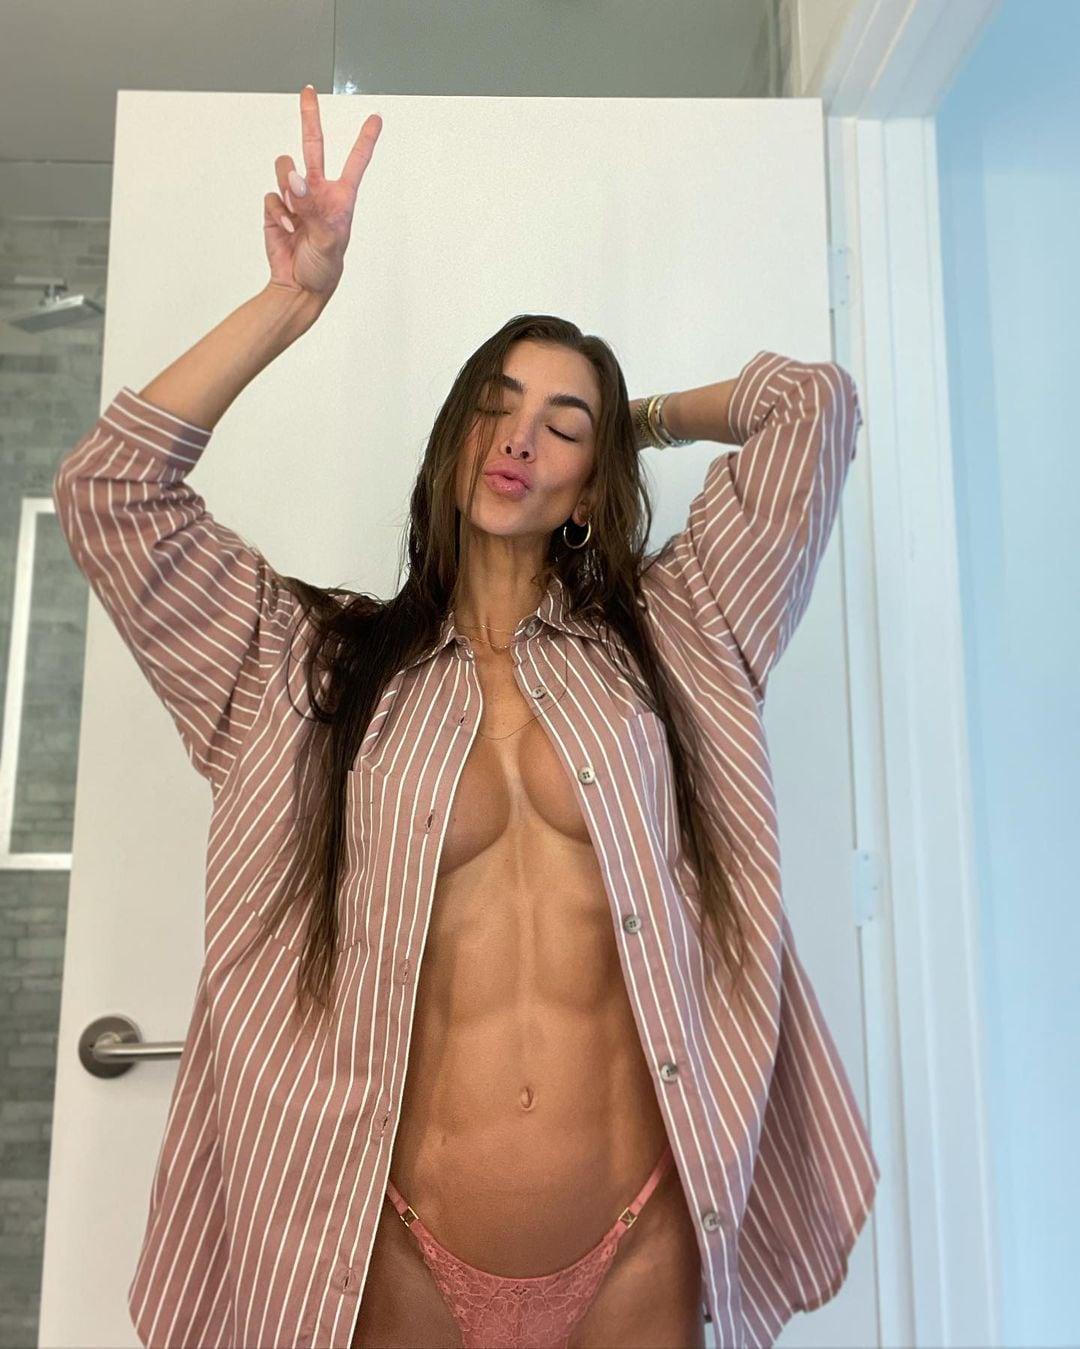 アンジェラ・サグラ「エッチすぎるパジャマ姿」浮き出た美腹筋がなんともセクシー…【画像4枚】の画像003